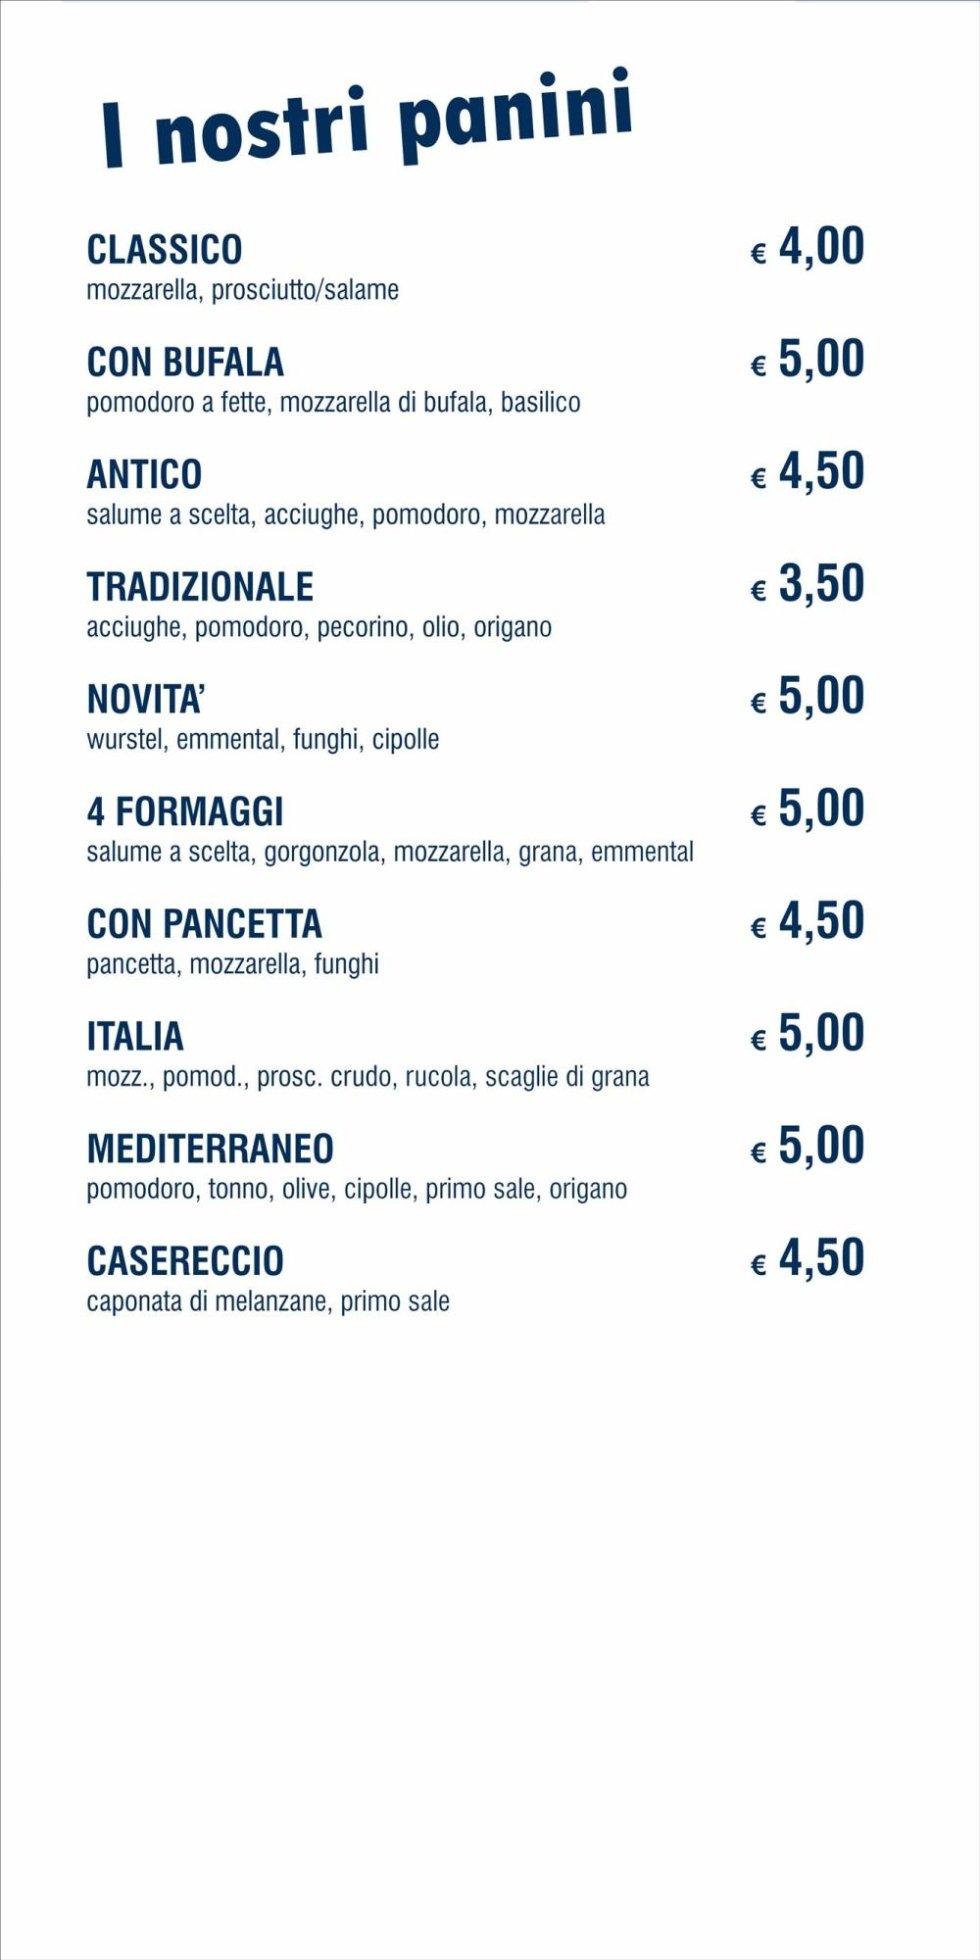 menù panini